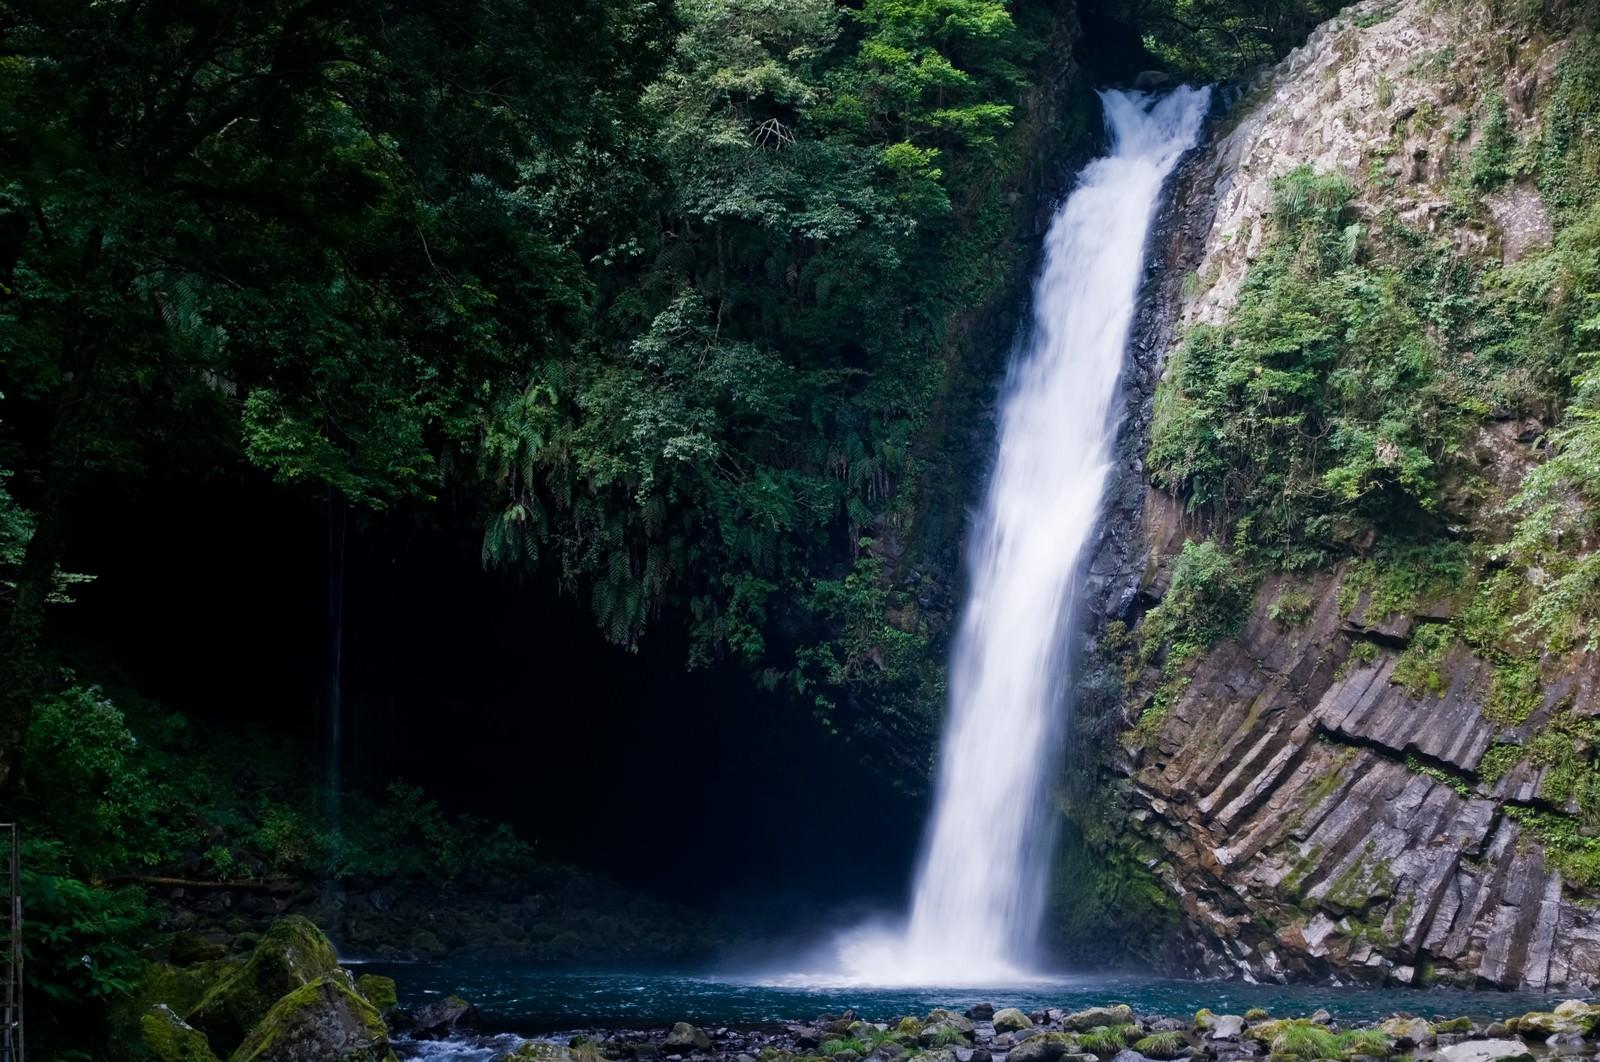 「浄蓮の滝と自然」の写真